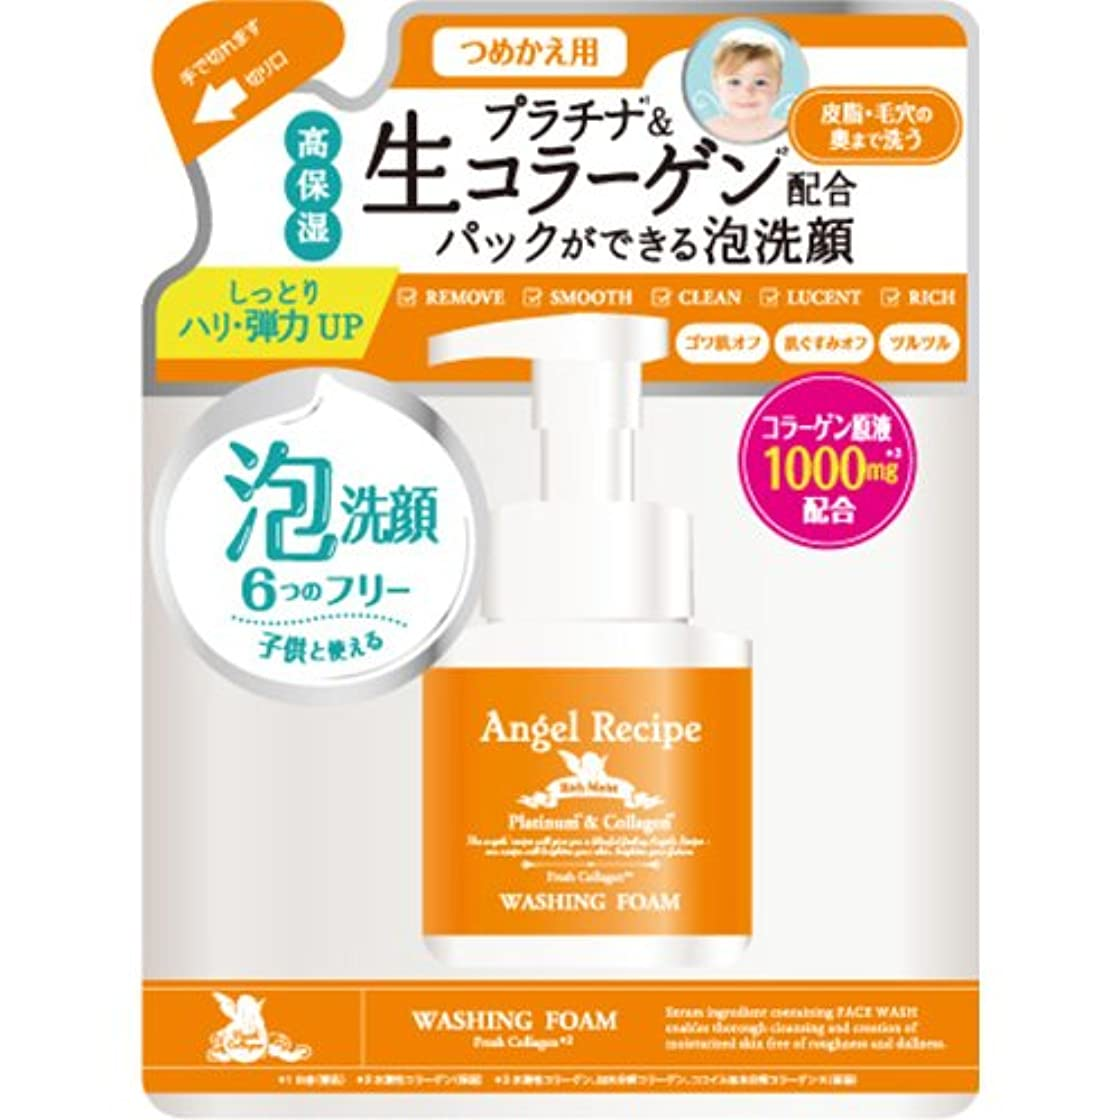 眩惑する音楽を聴く牛肉AngelRecipe エンジェルレシピ リッチモイスト 泡洗顔 詰替え 130ml